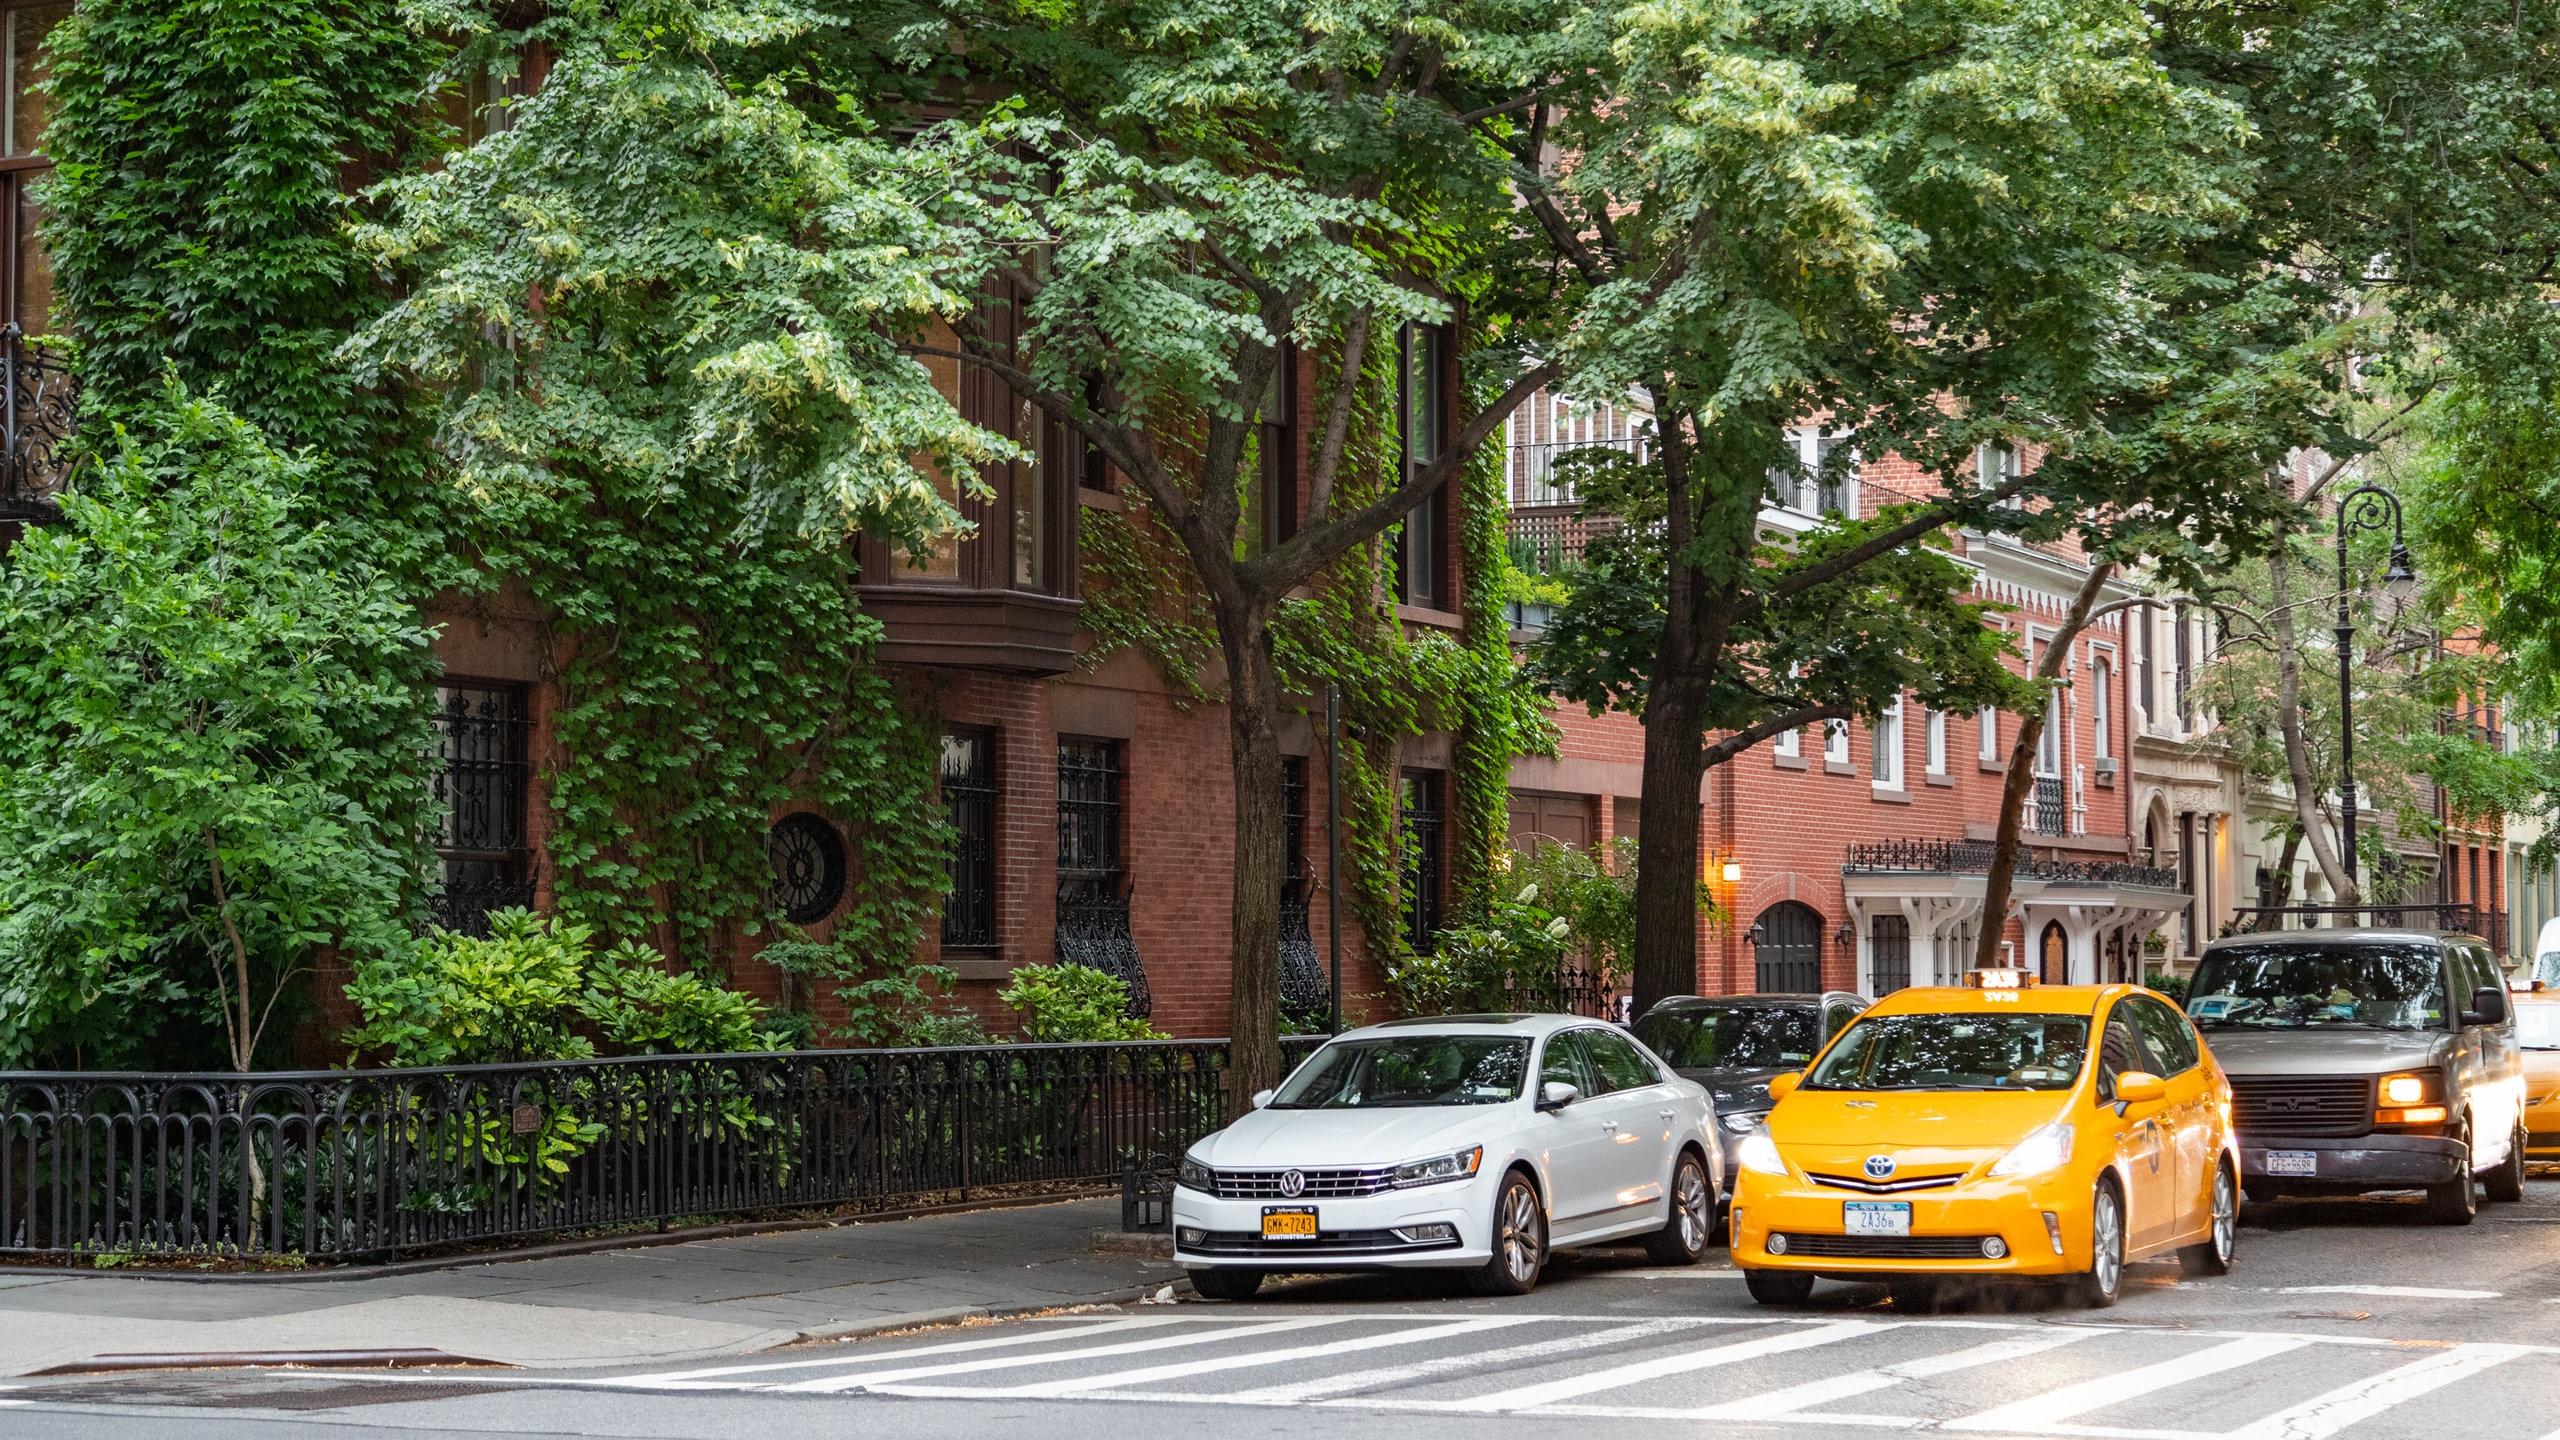 Gramercy, New York, New York, United States of America